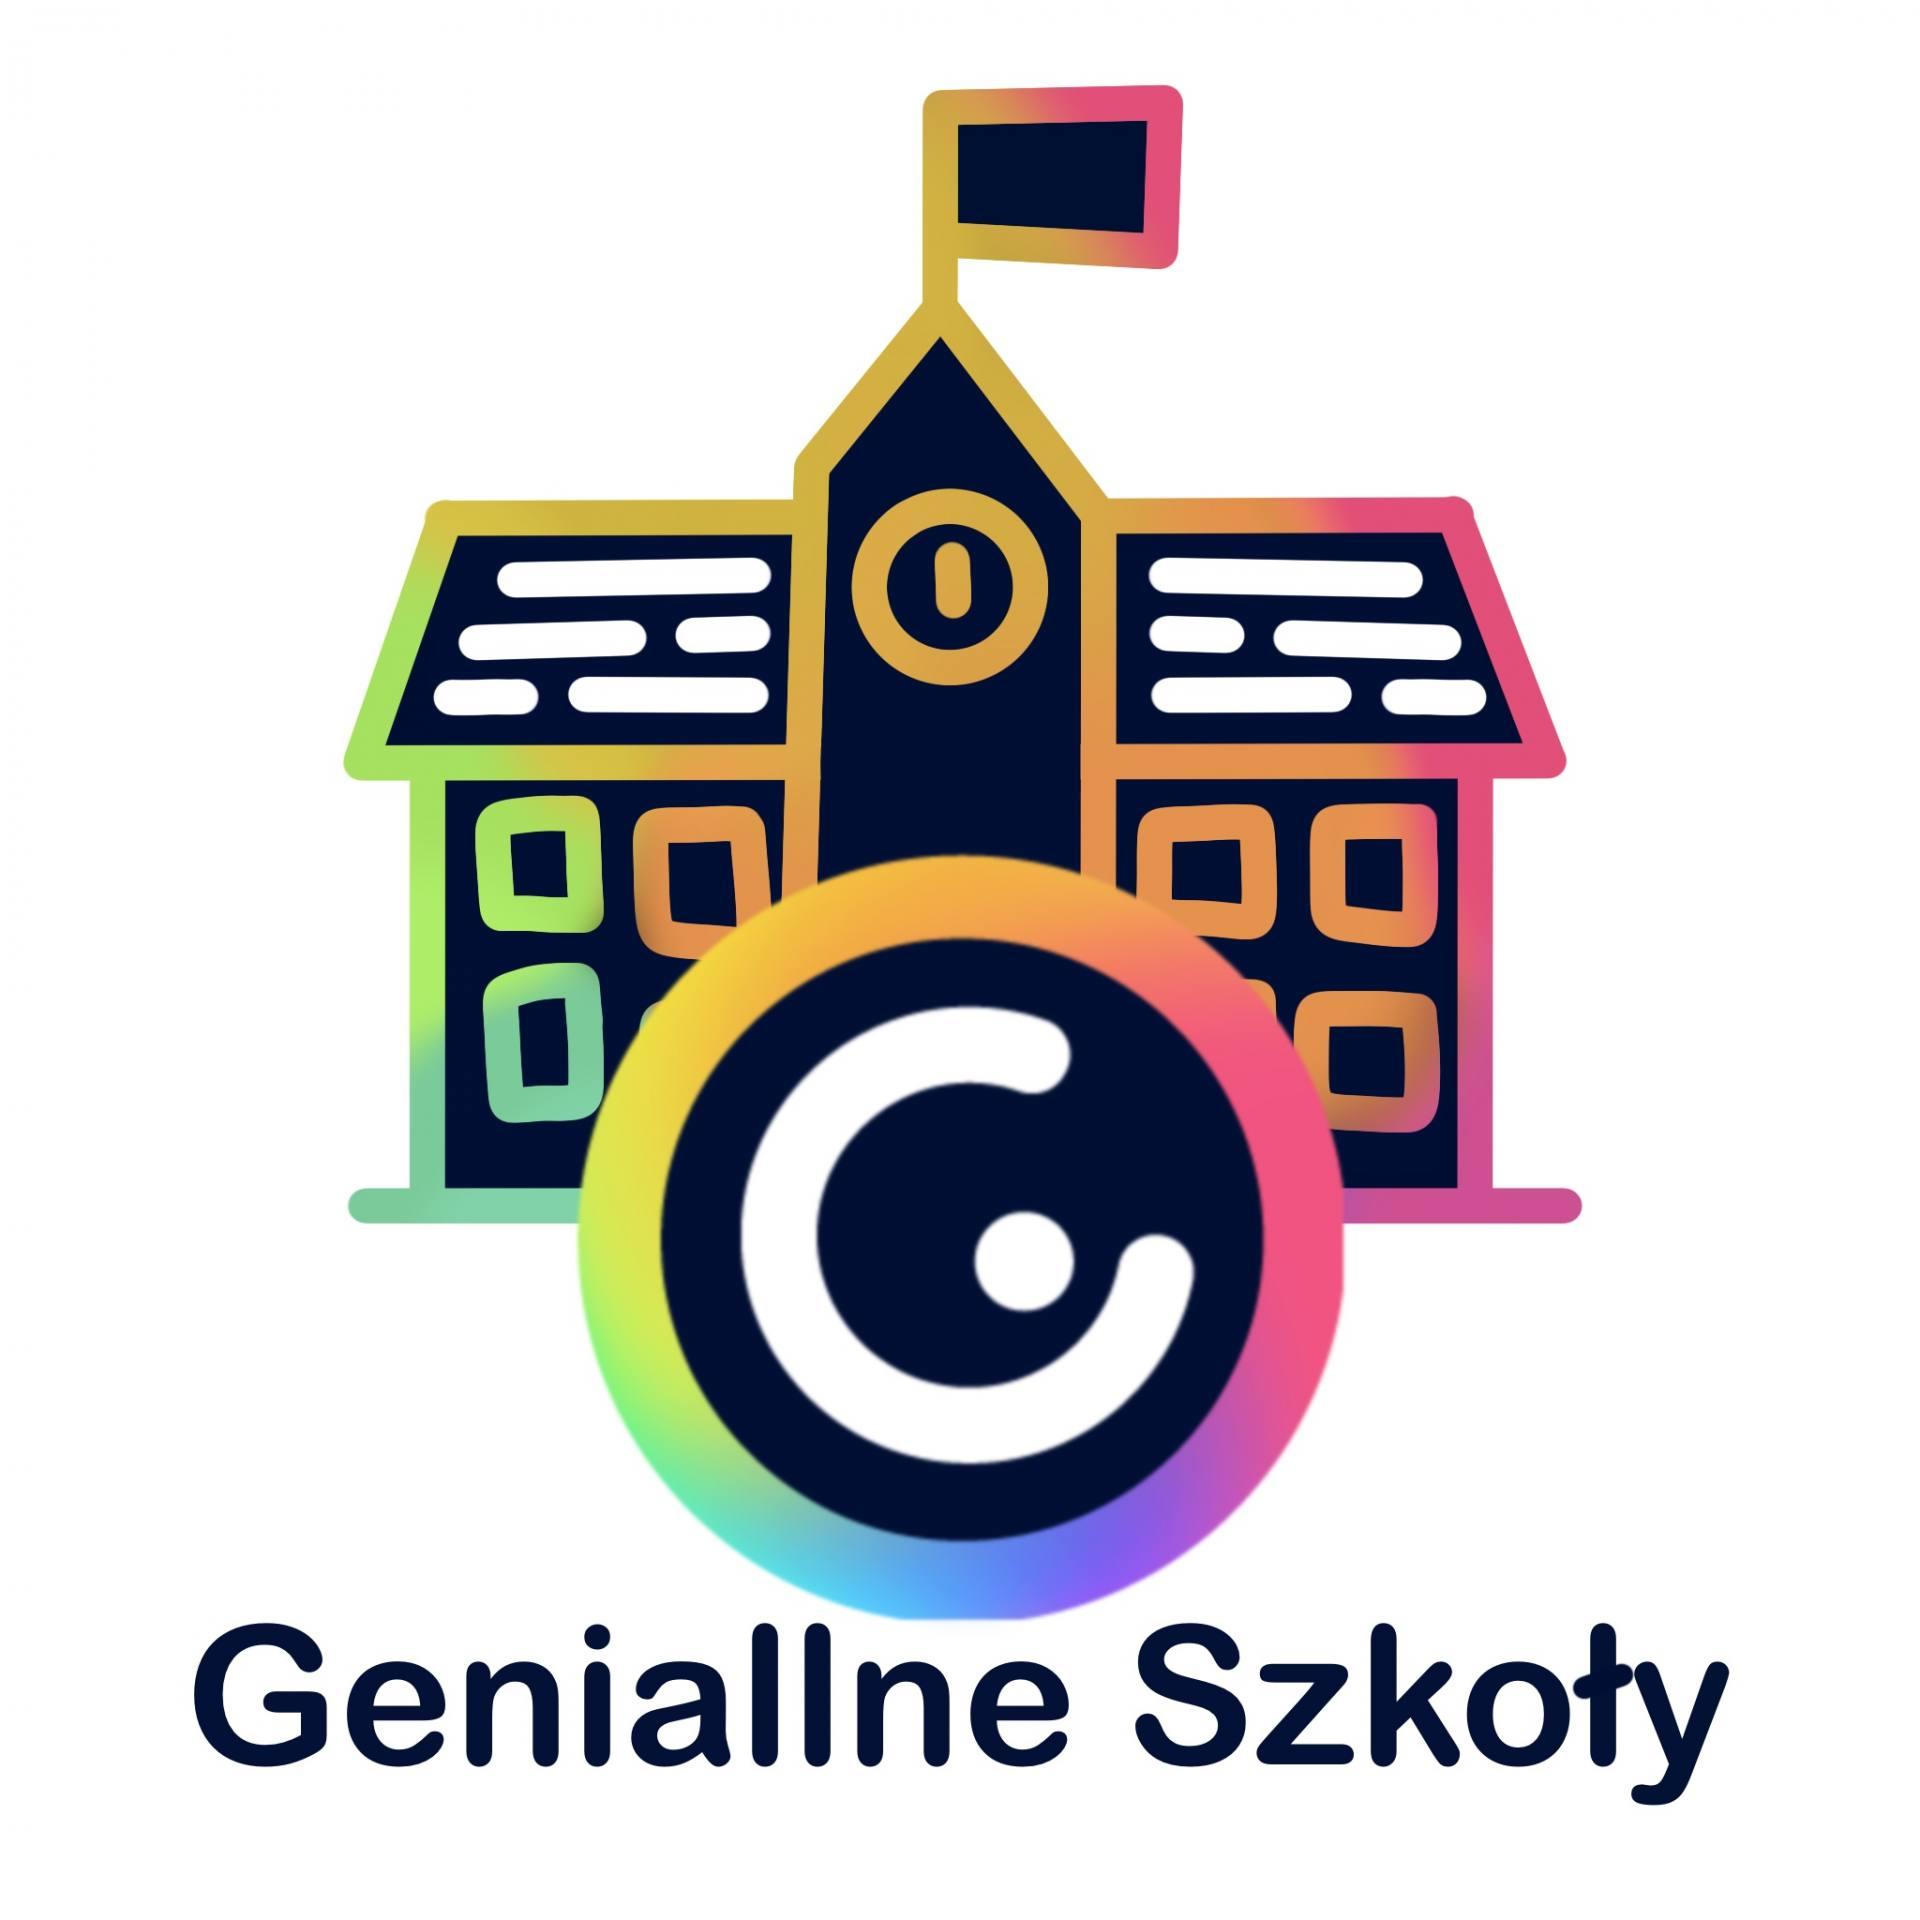 logo geniallne szkoly Zamojska